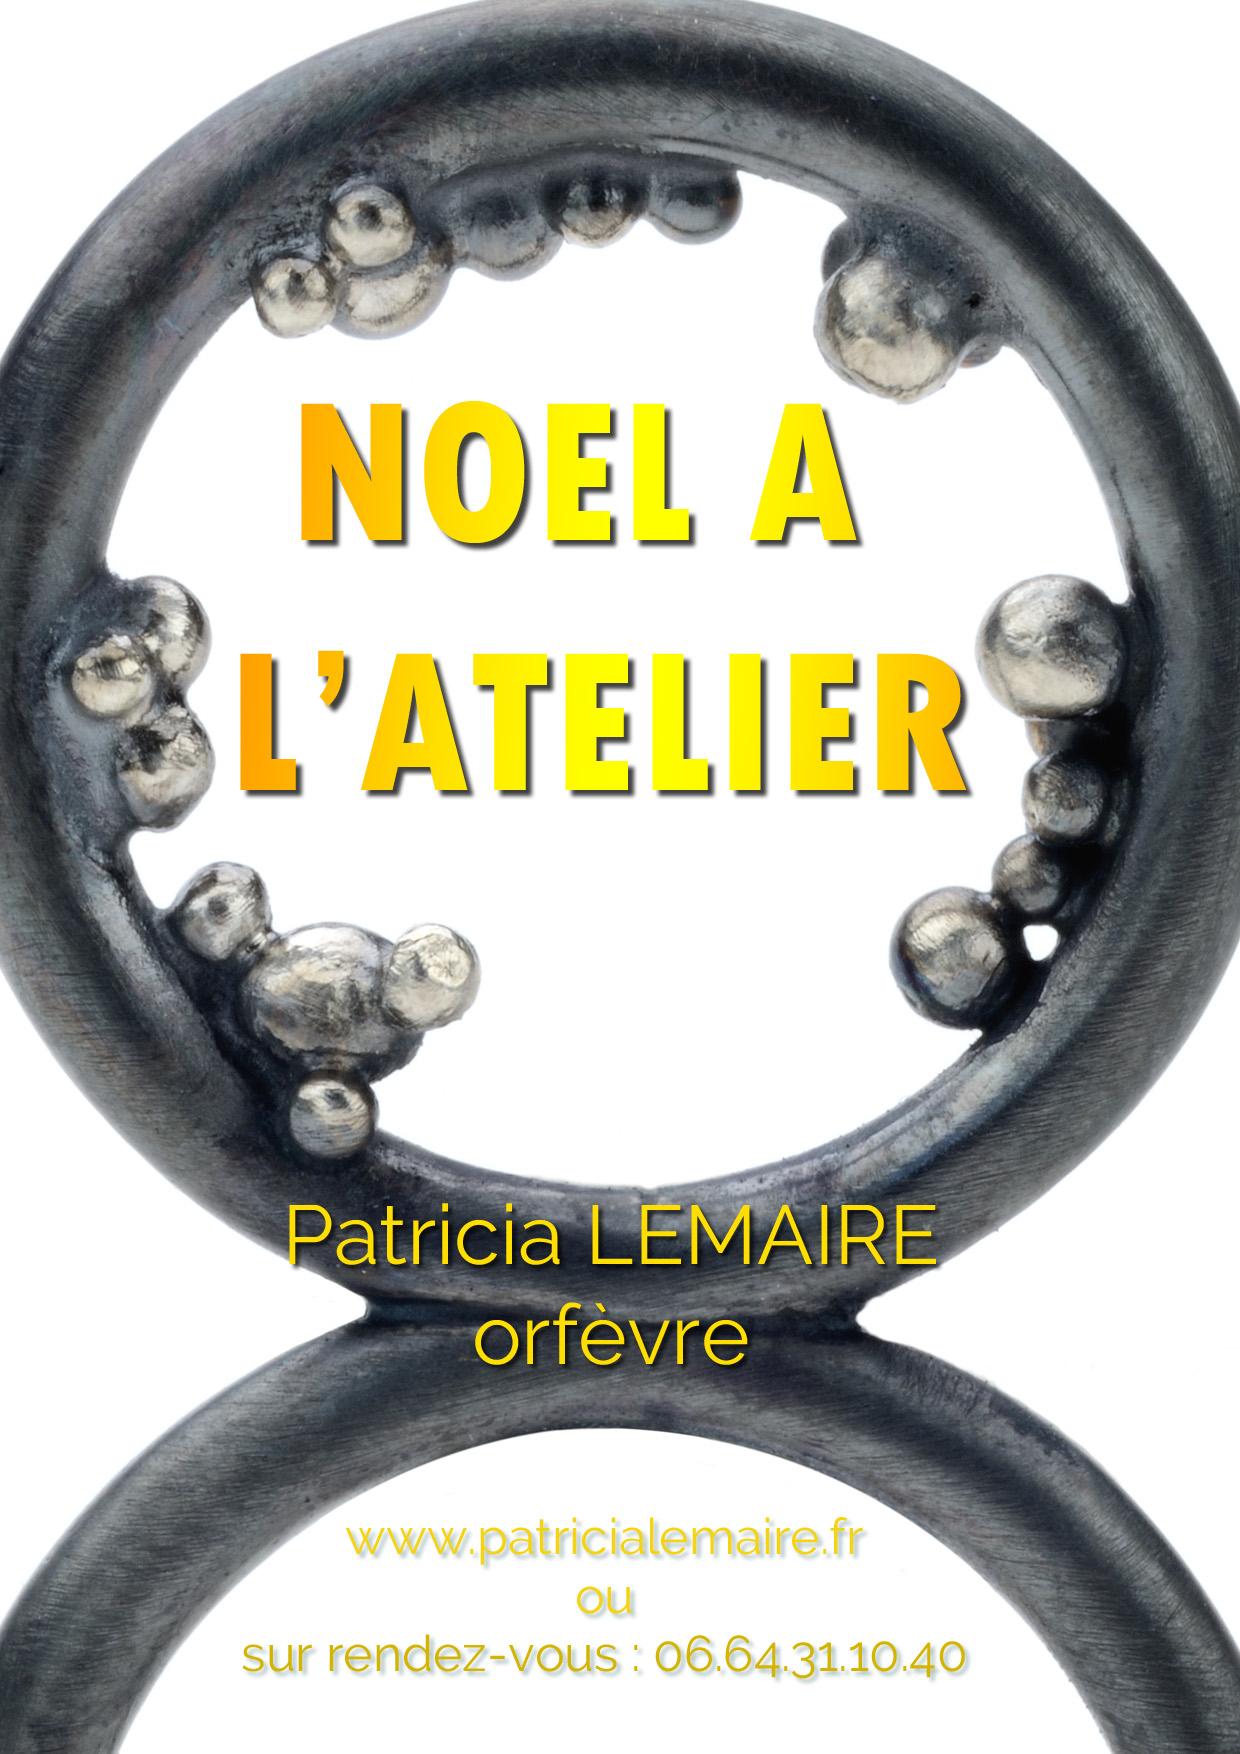 Passer-Noel-a-l-atelier--de-creation-de-Patricia-Lemaire-Orfevre-sculptures-bijoux-contemporains-Patricia-Lemaire-createur-de-bijoux-contemporains